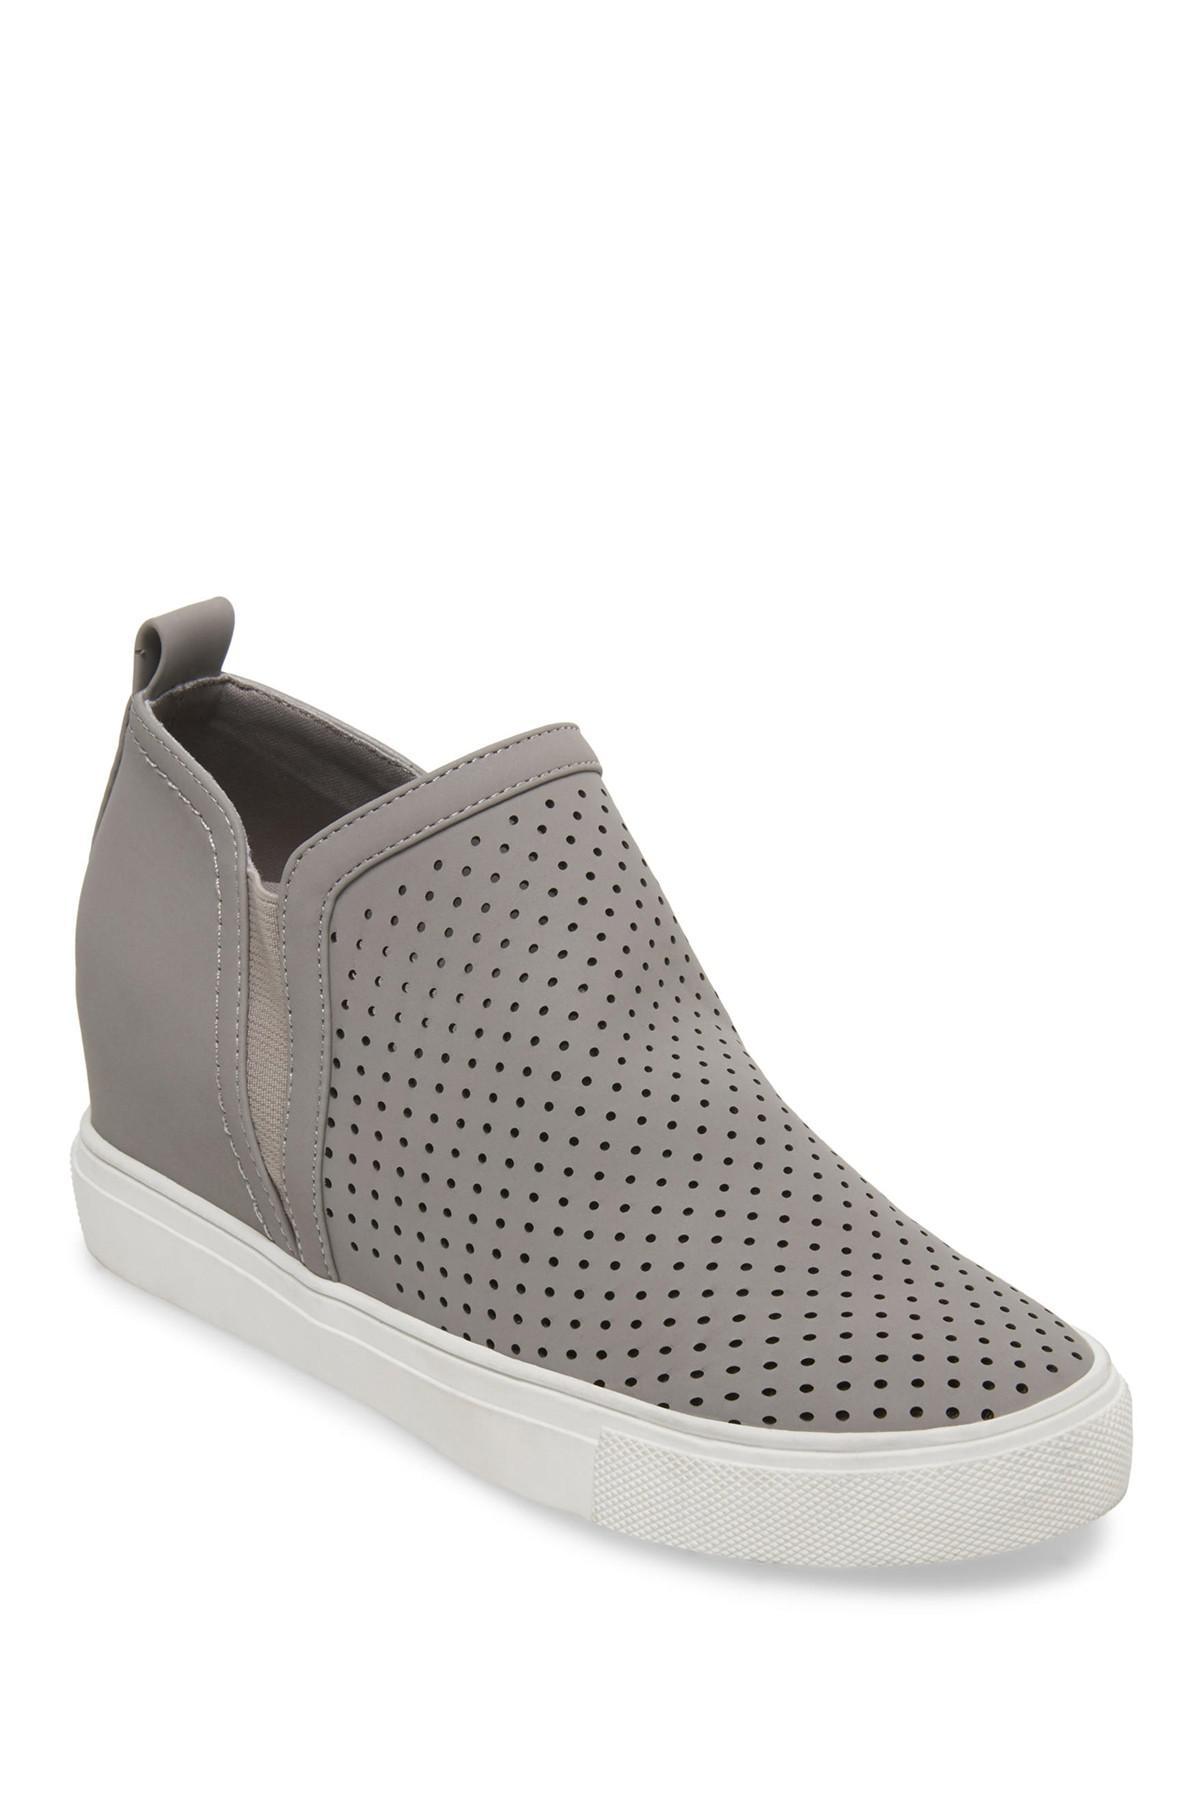 98355f2e7be Steven by Steve Madden - Gray Clarke Leather Slip-on Sneaker - Lyst. View  fullscreen